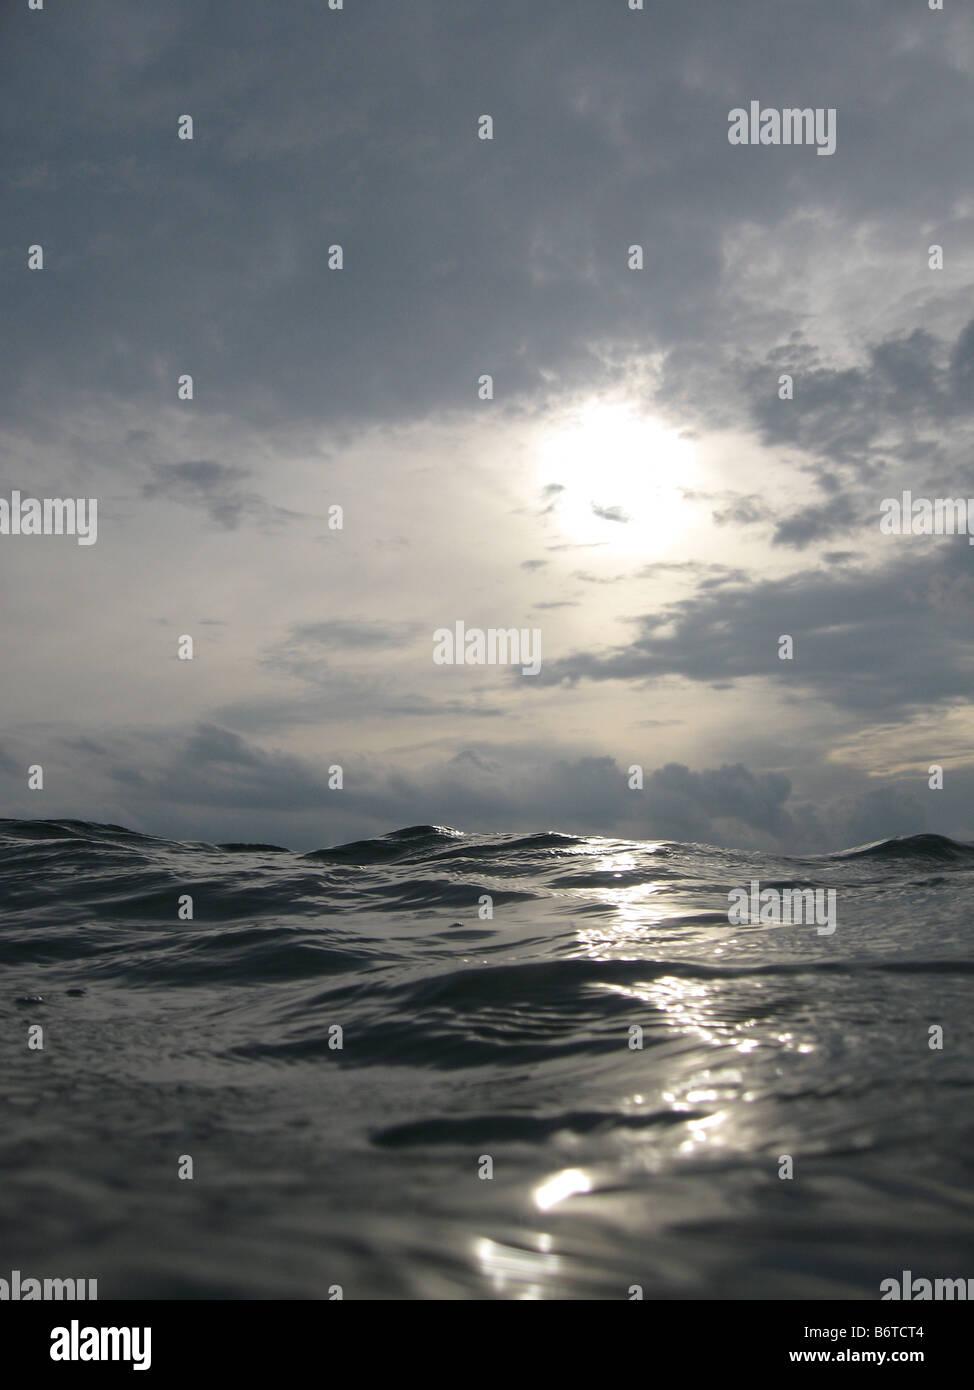 Las vistas del agua y del cielo mirando hacia arriba desde la superficie Imagen De Stock